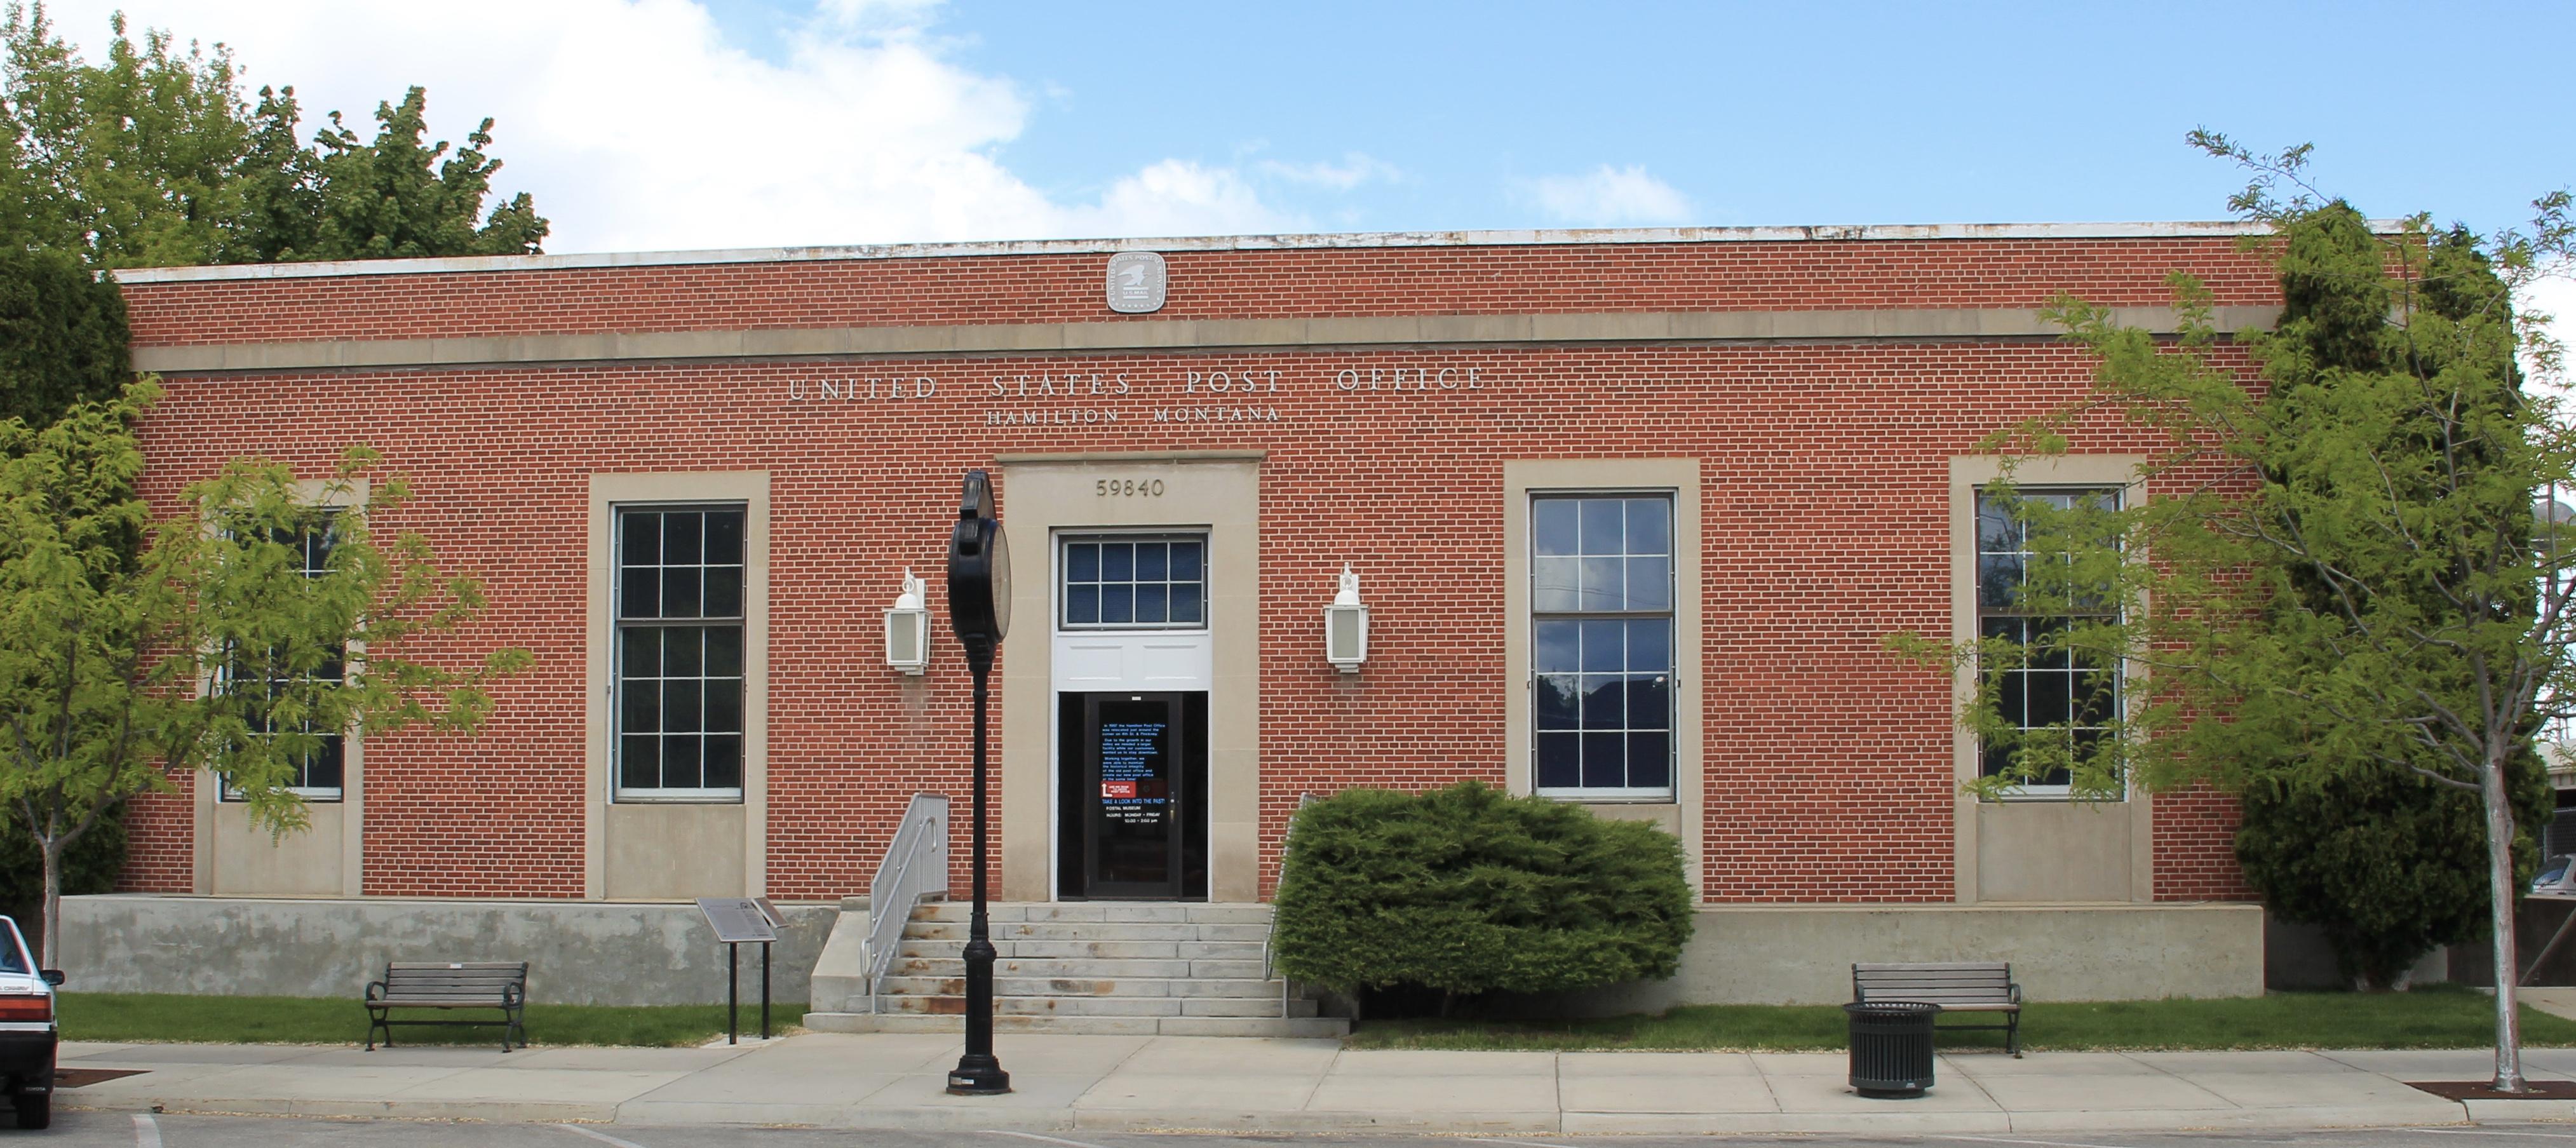 Hamilton Post office (1940) NR